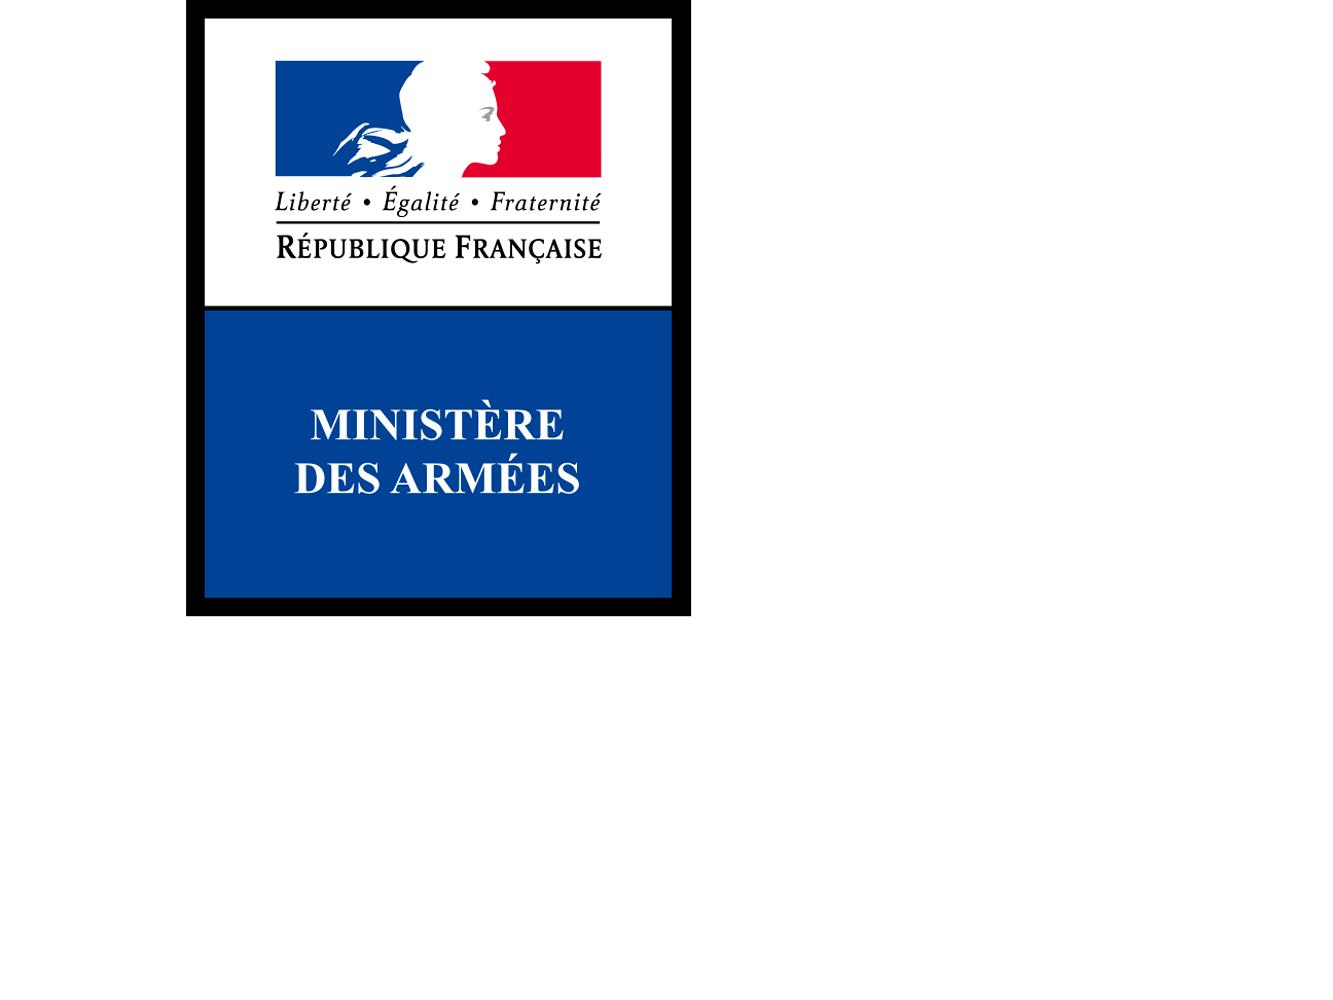 Ministère des armées - Manoeuvre militaire sur la commune le samedi 27 Mars 2021 0